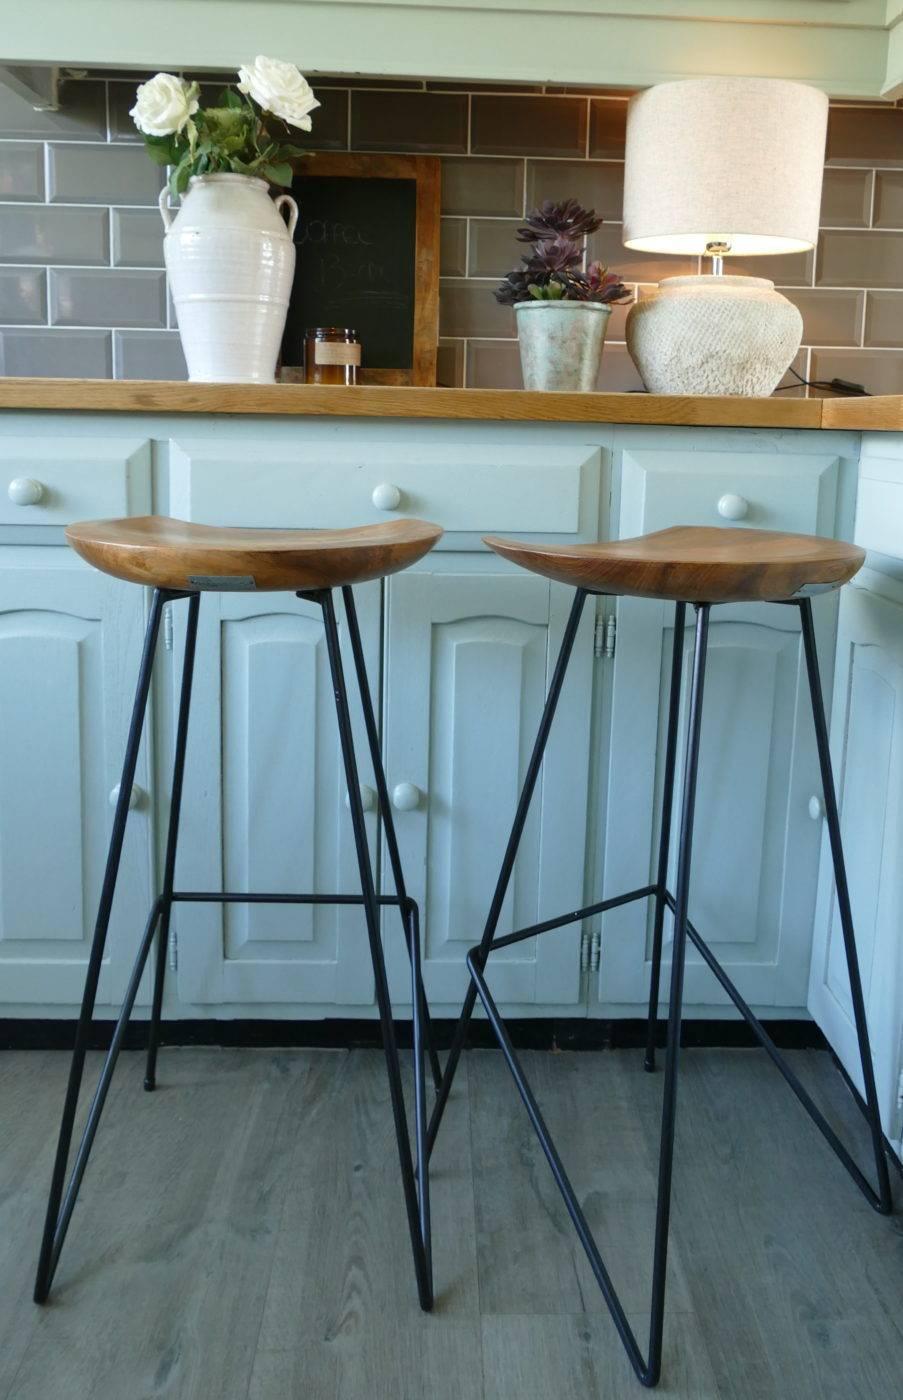 teak bar stools at counter